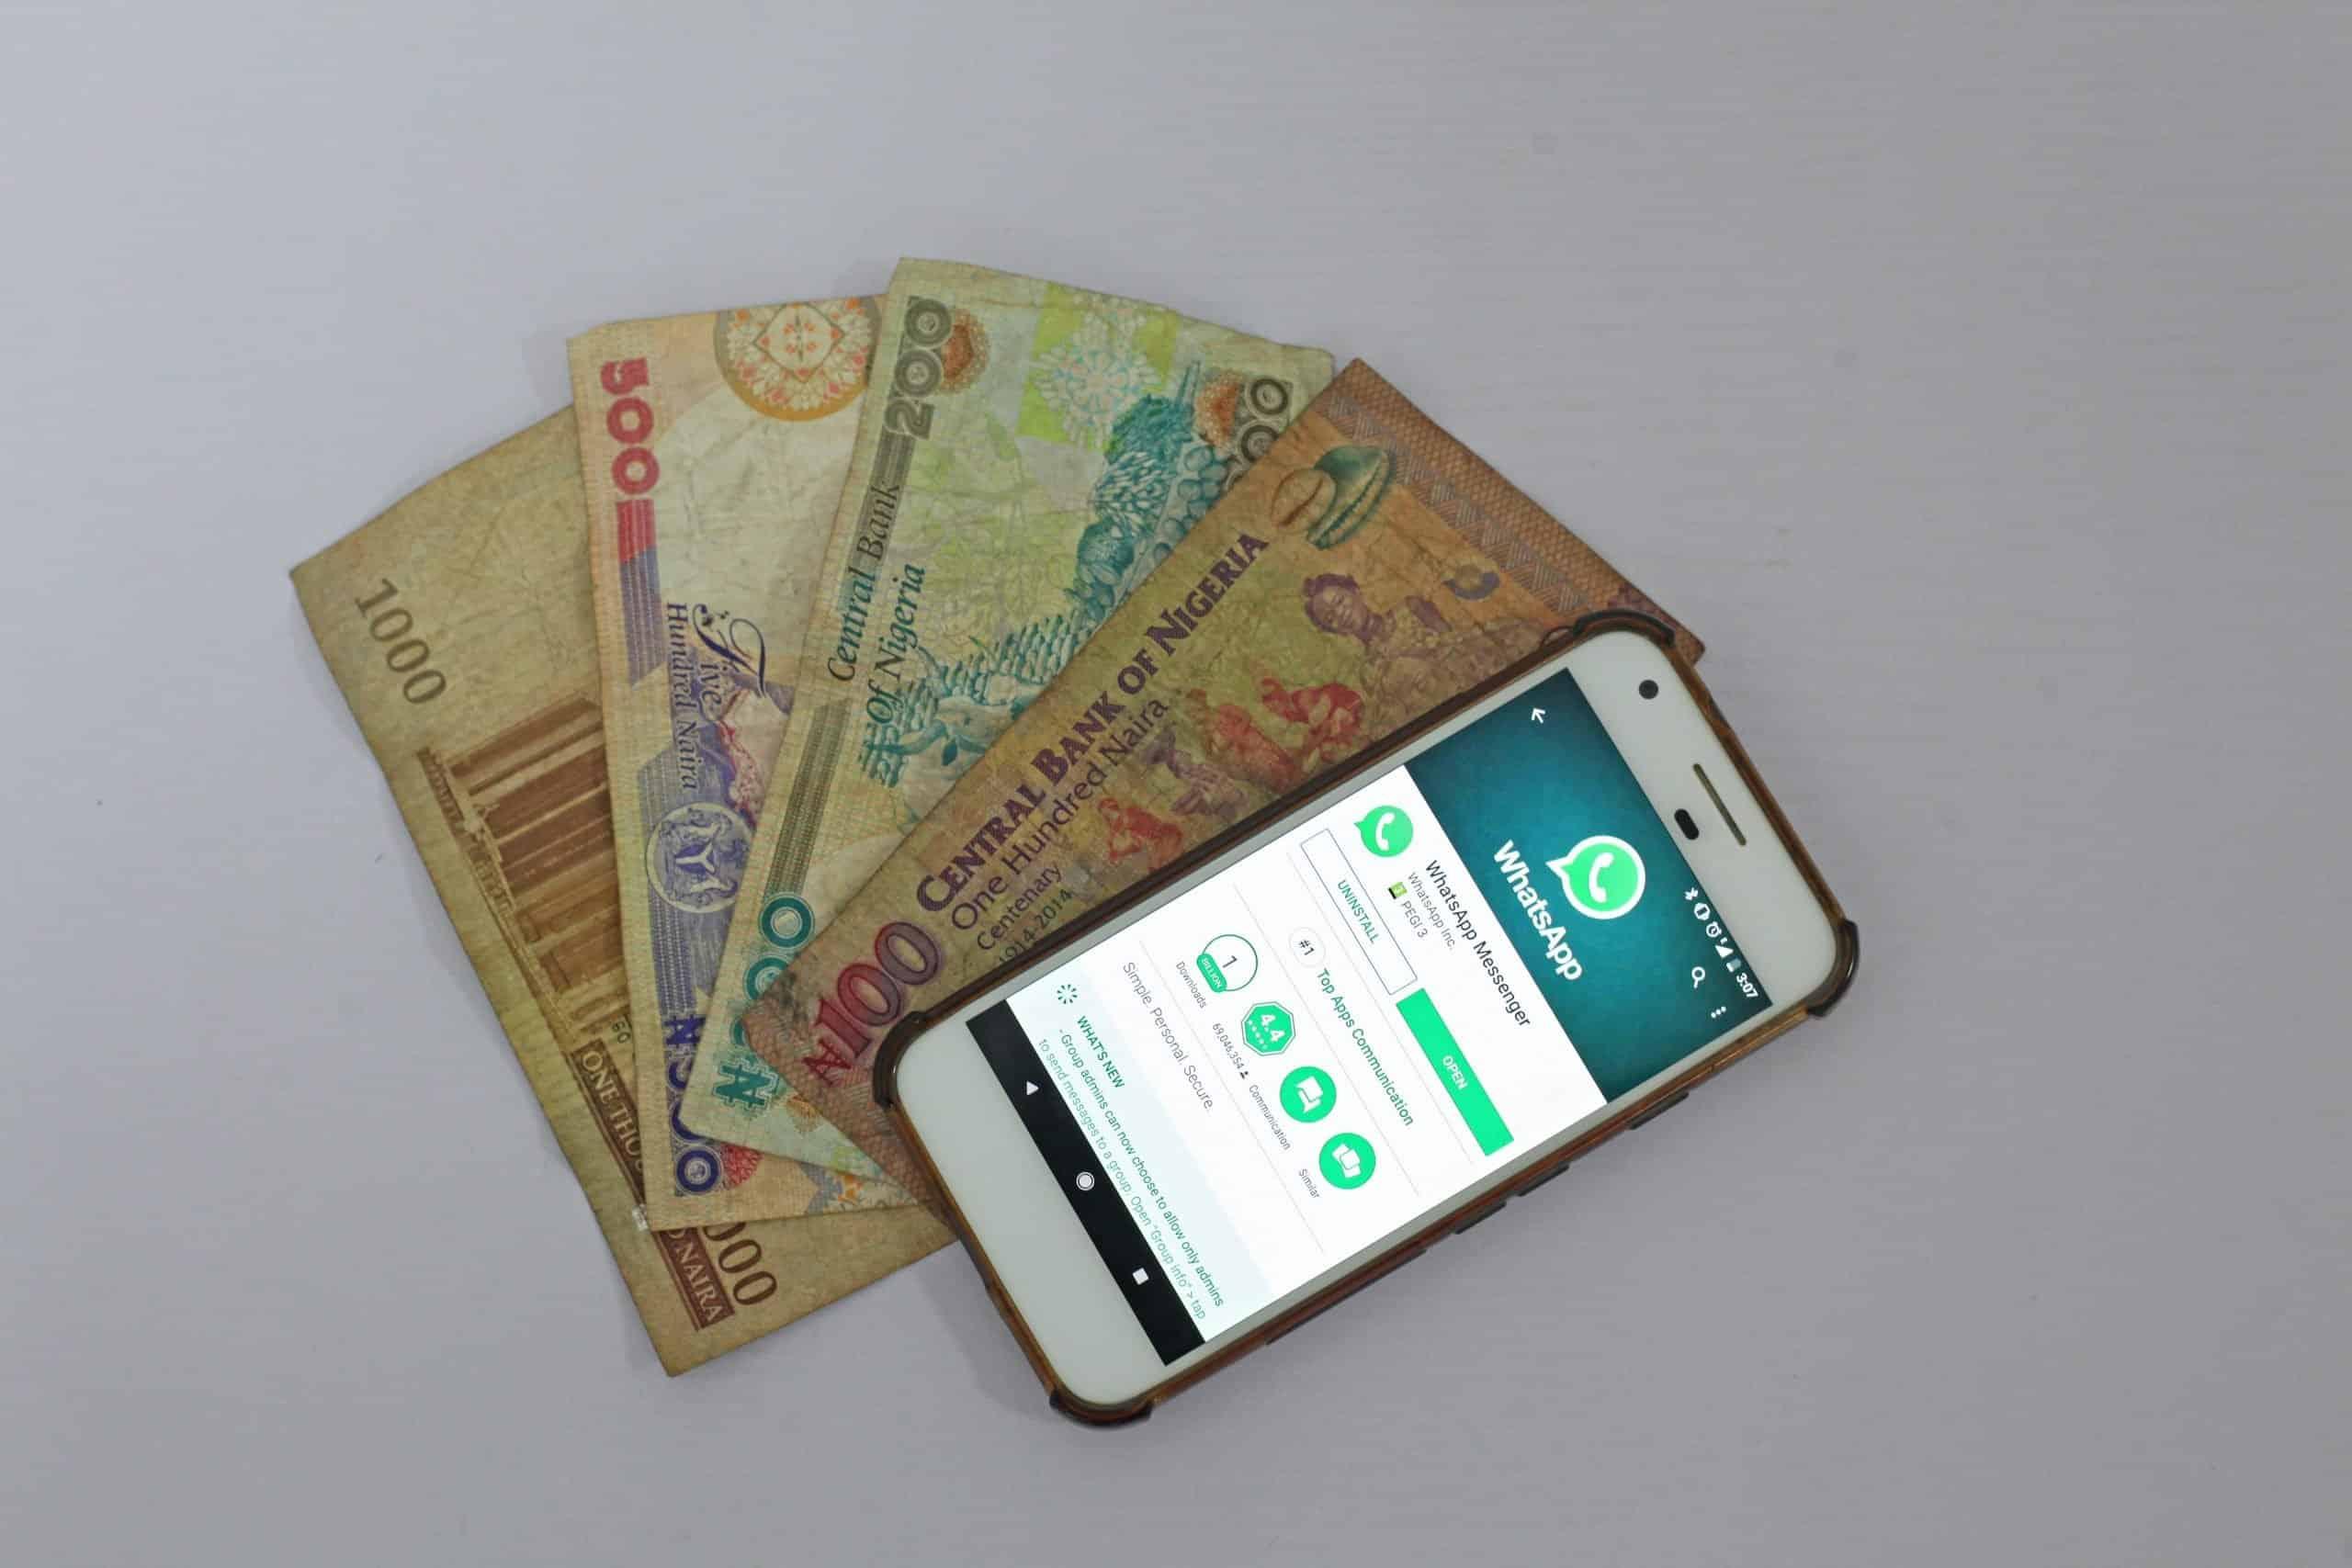 5 app, amivel gyorsan pénzt szerezhetsz | kendoszalon.hu